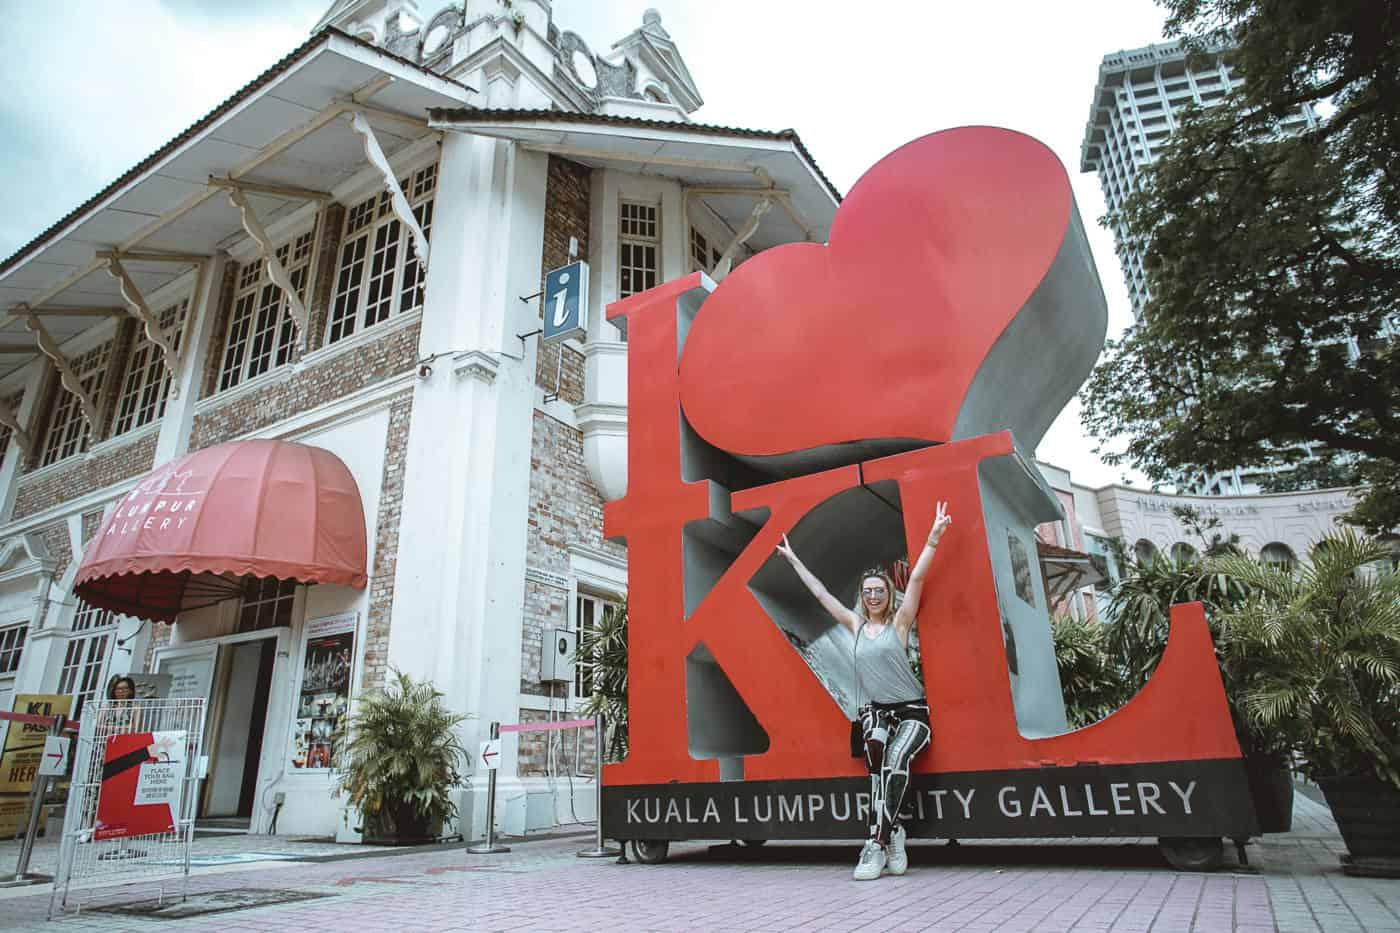 48 hour layover in Kuala Lumpur - things to do in Kuala Lumpur, Malaysia